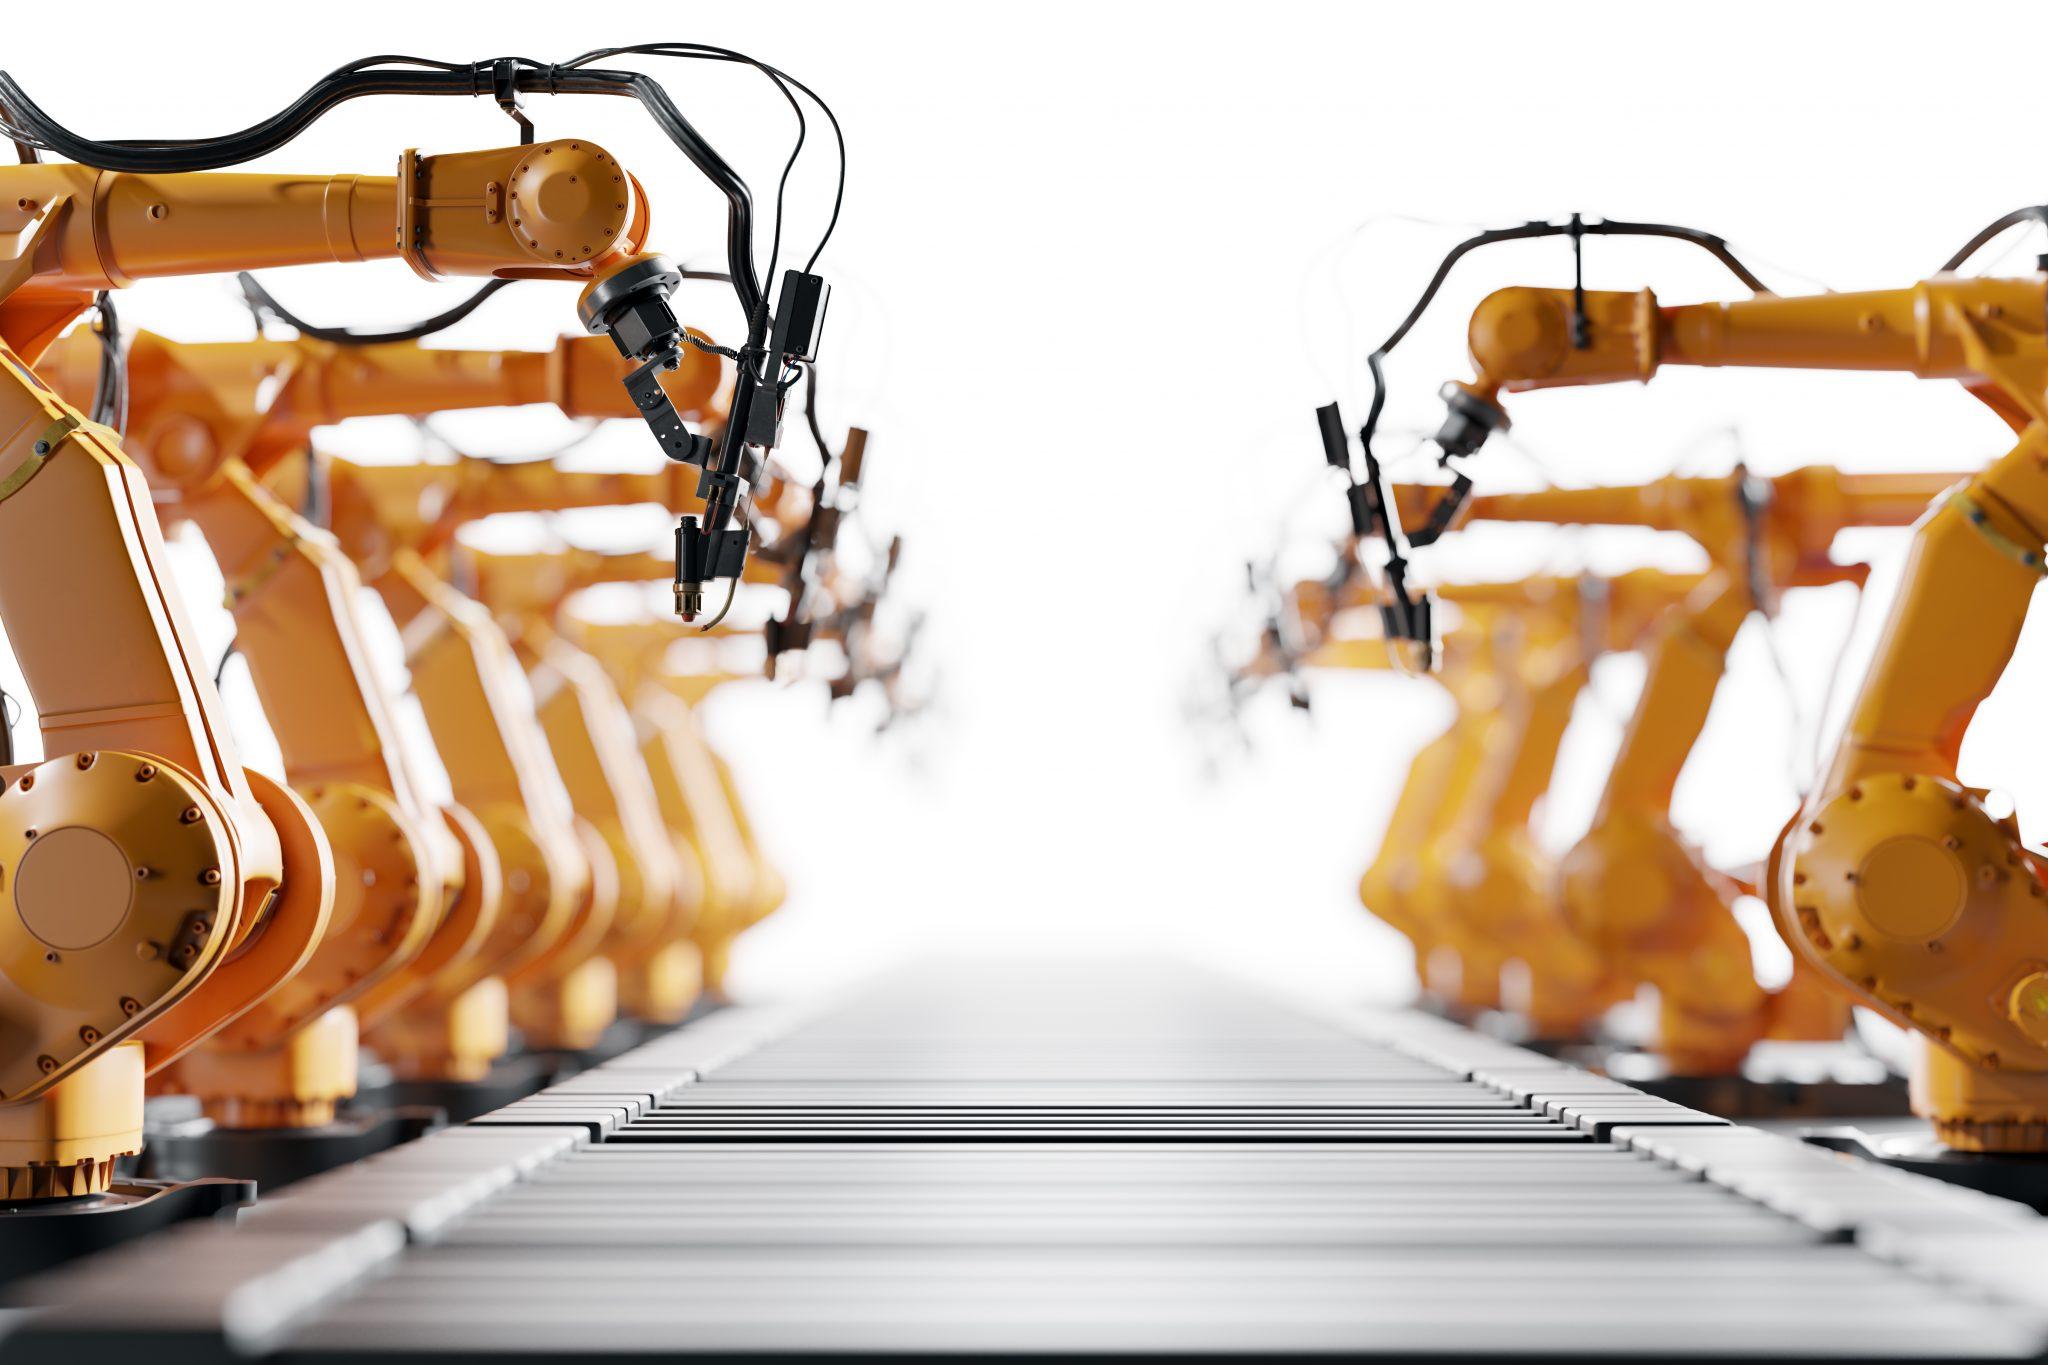 Teollisuusrobotteja rivissä.